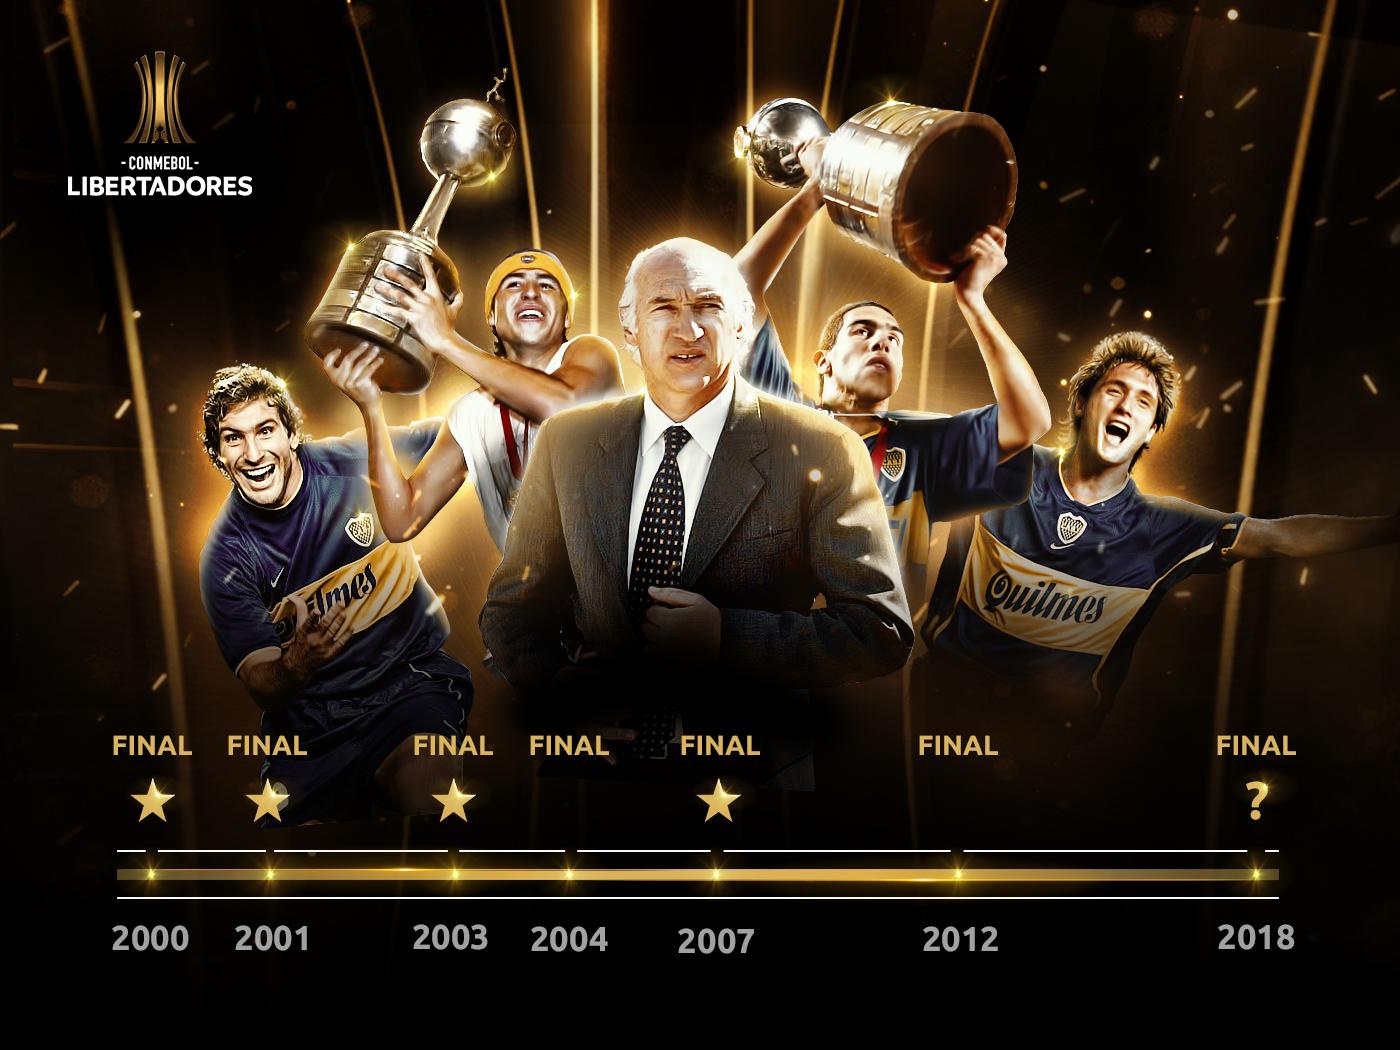 Boca Juniors finales siglo XXI